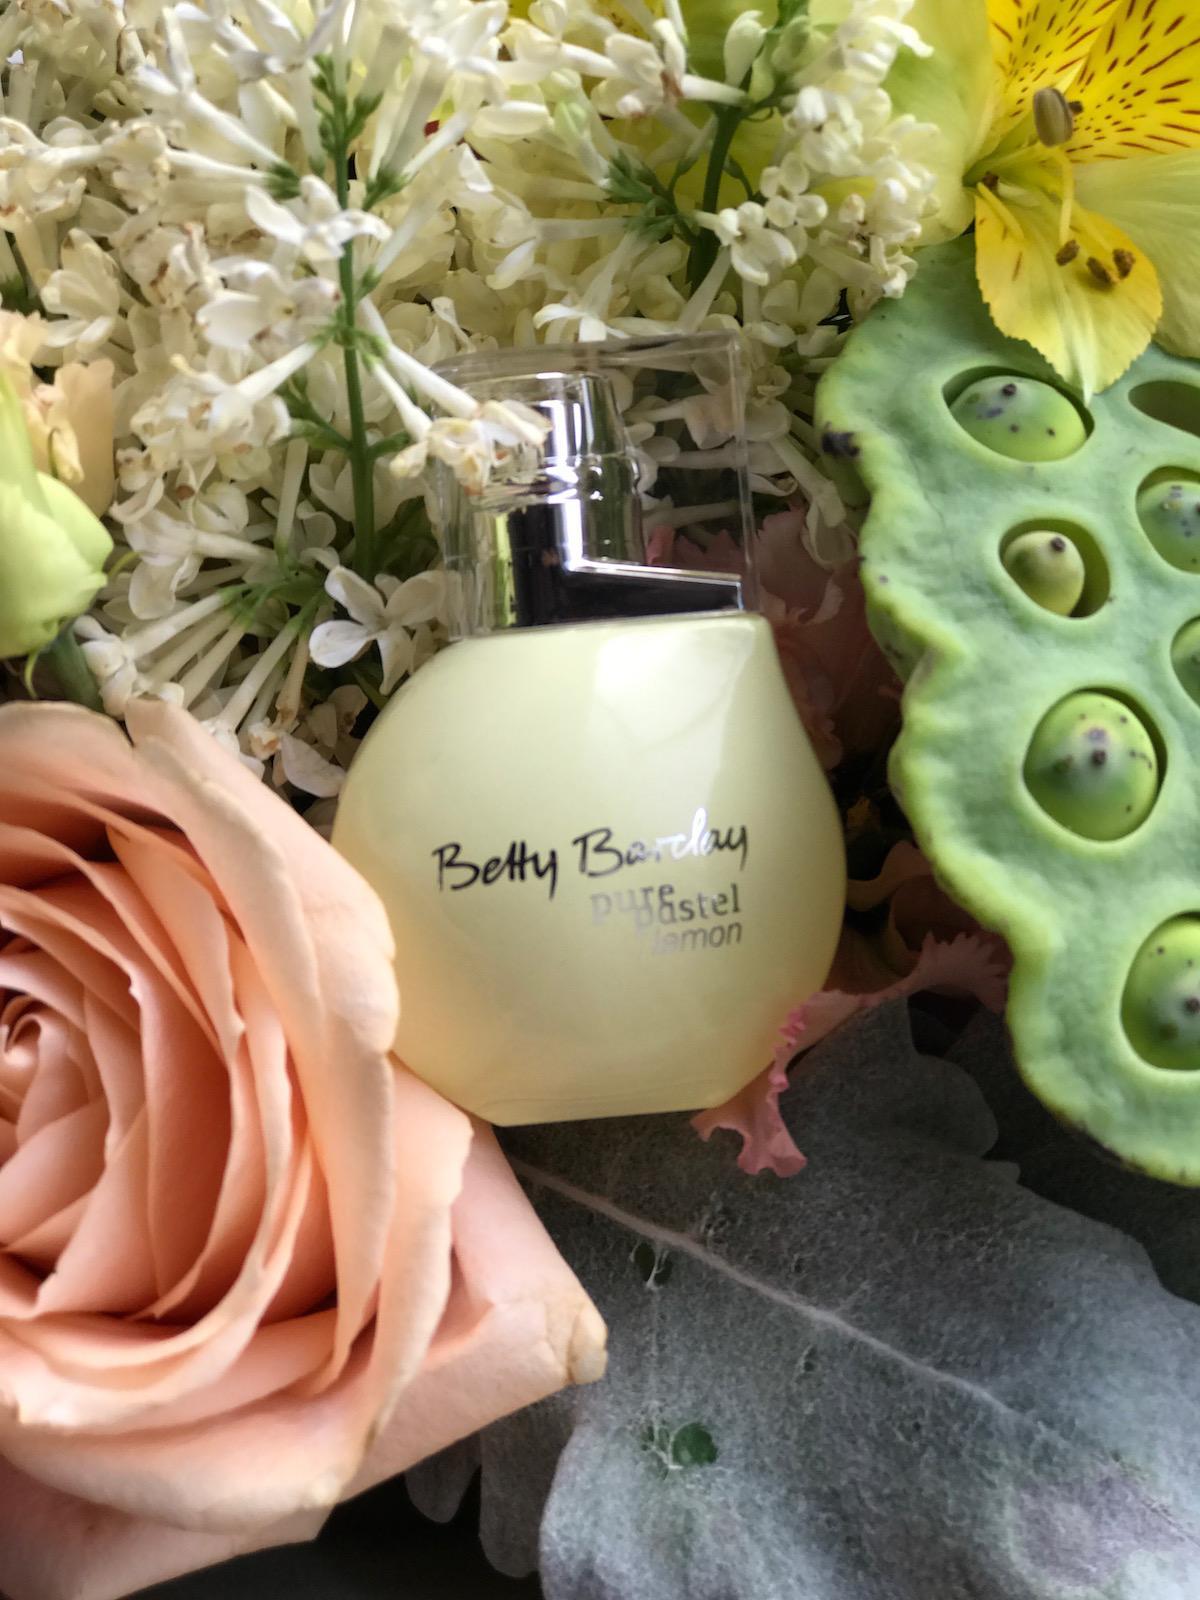 Betty Barclay Pure Pastel Lemon